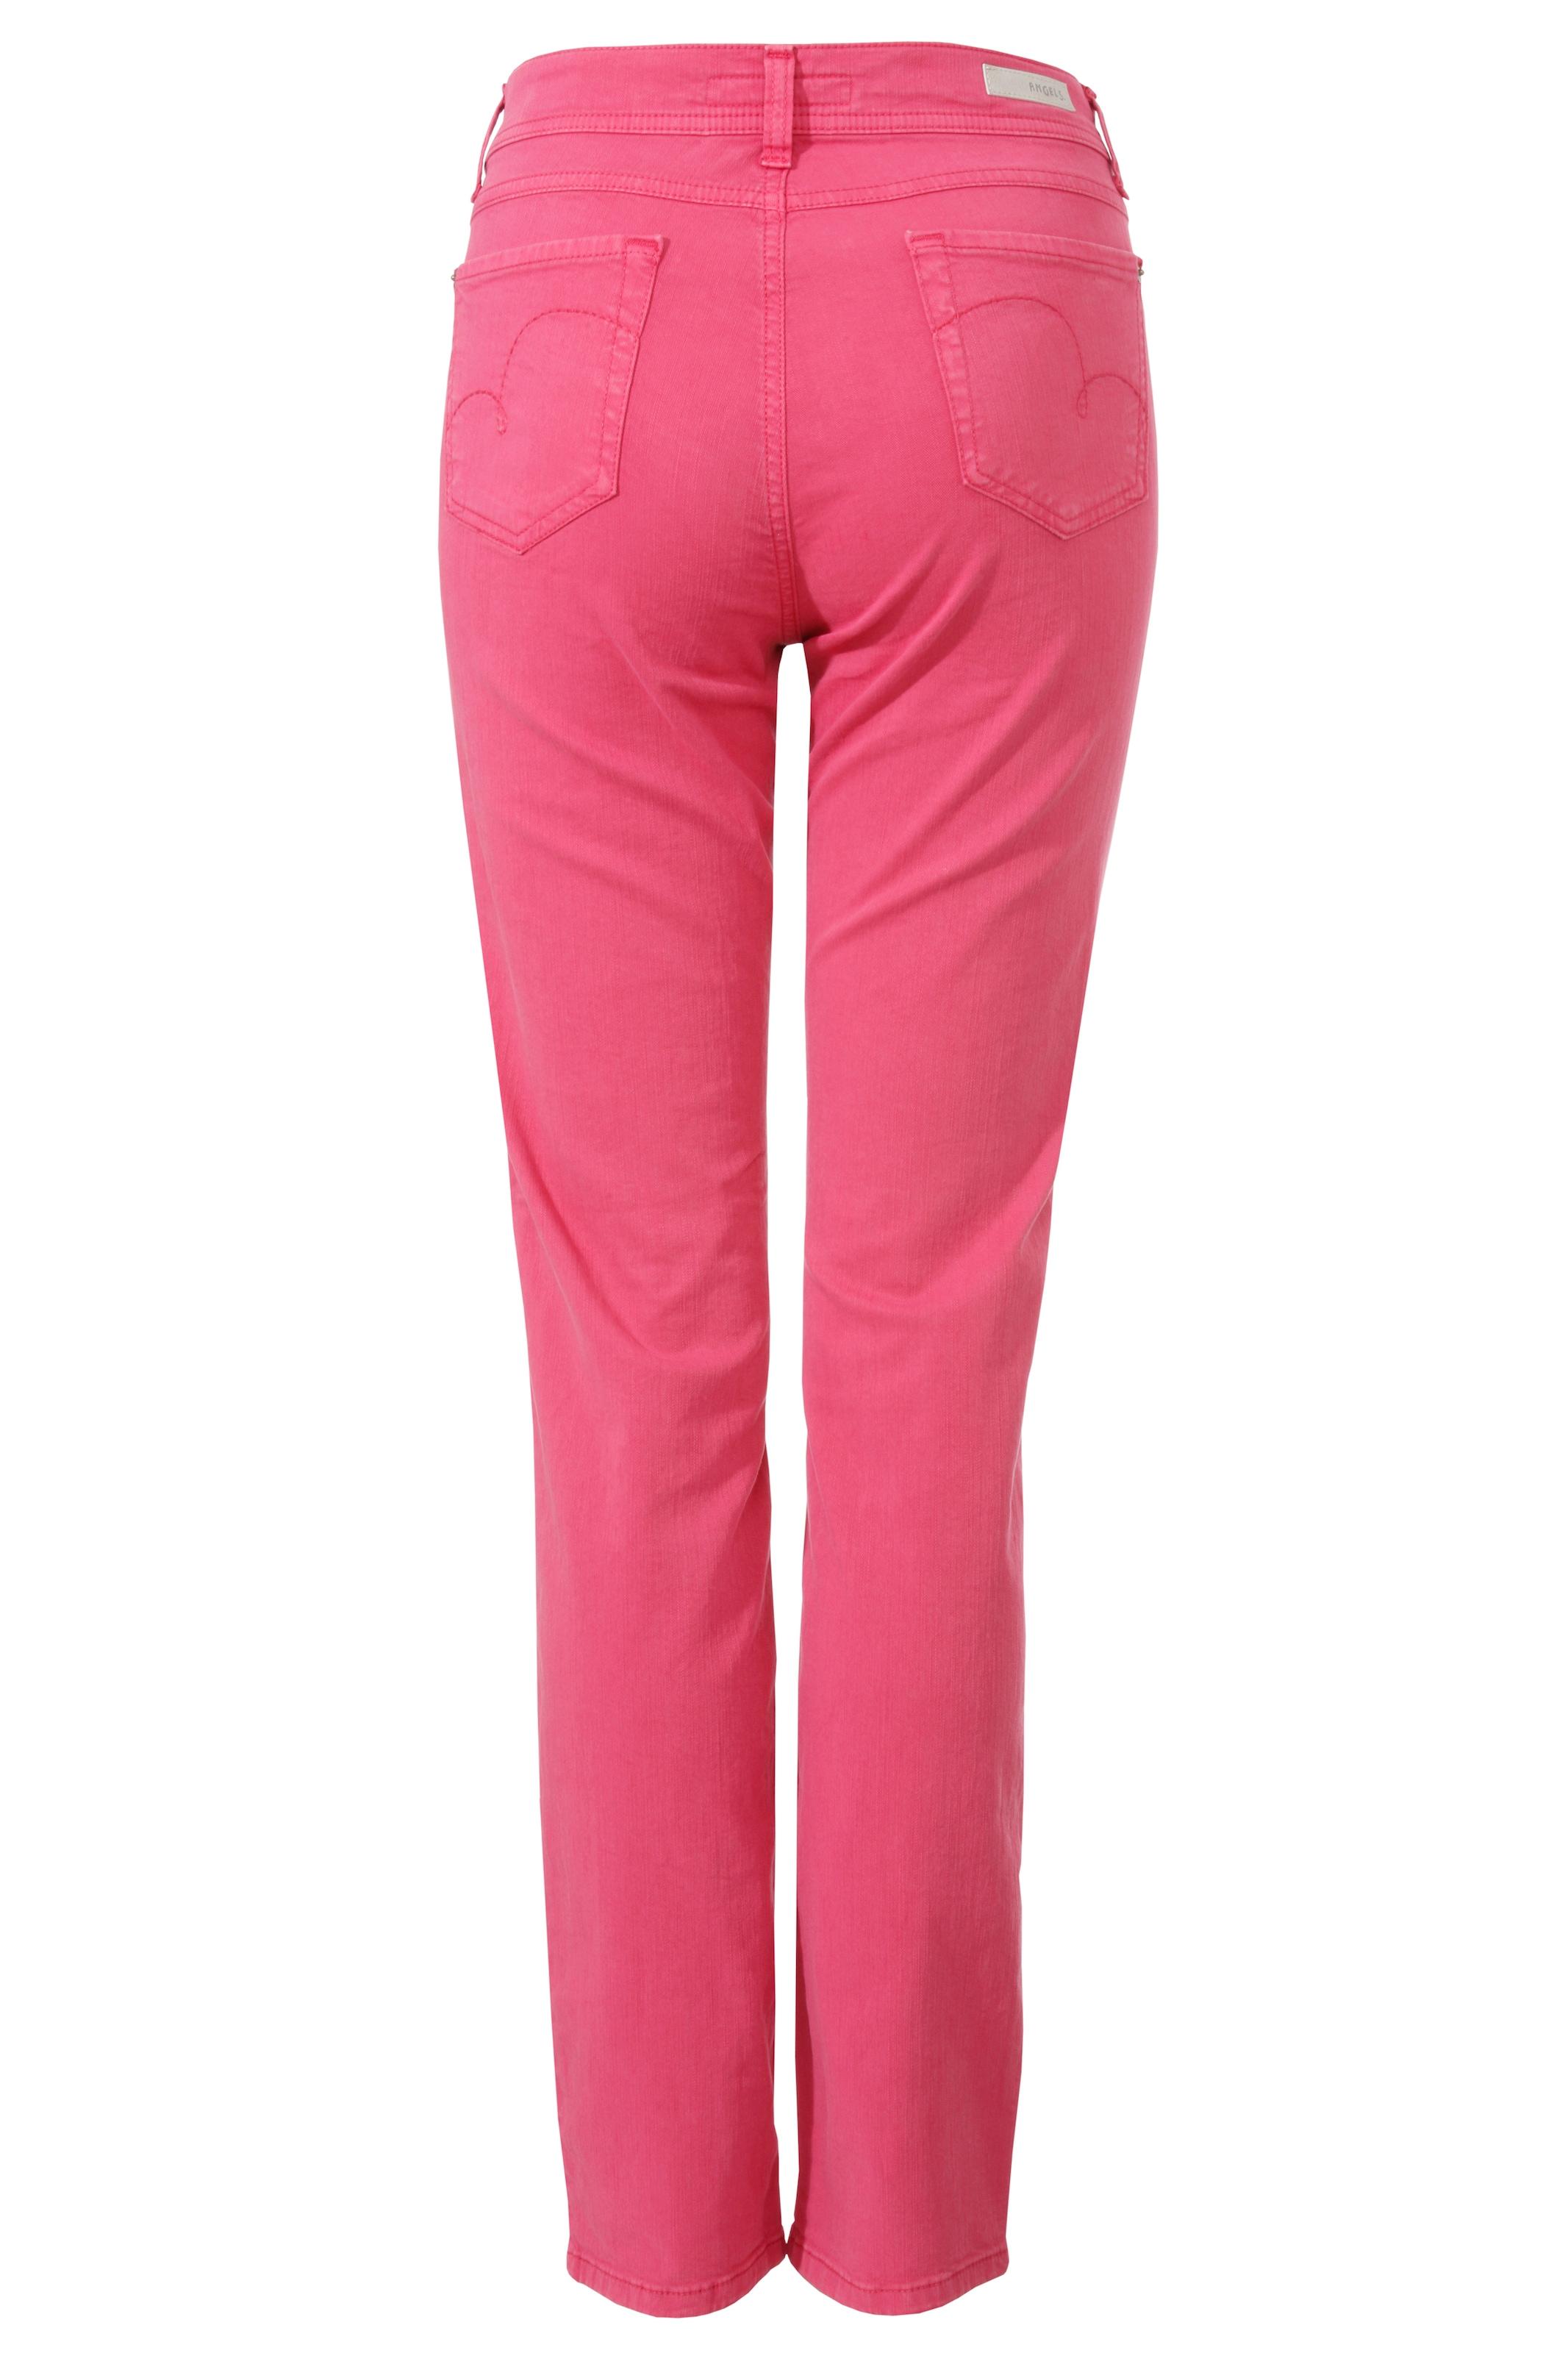 In Angels 'cici' Jeans Pink Angels N0OynPmwv8